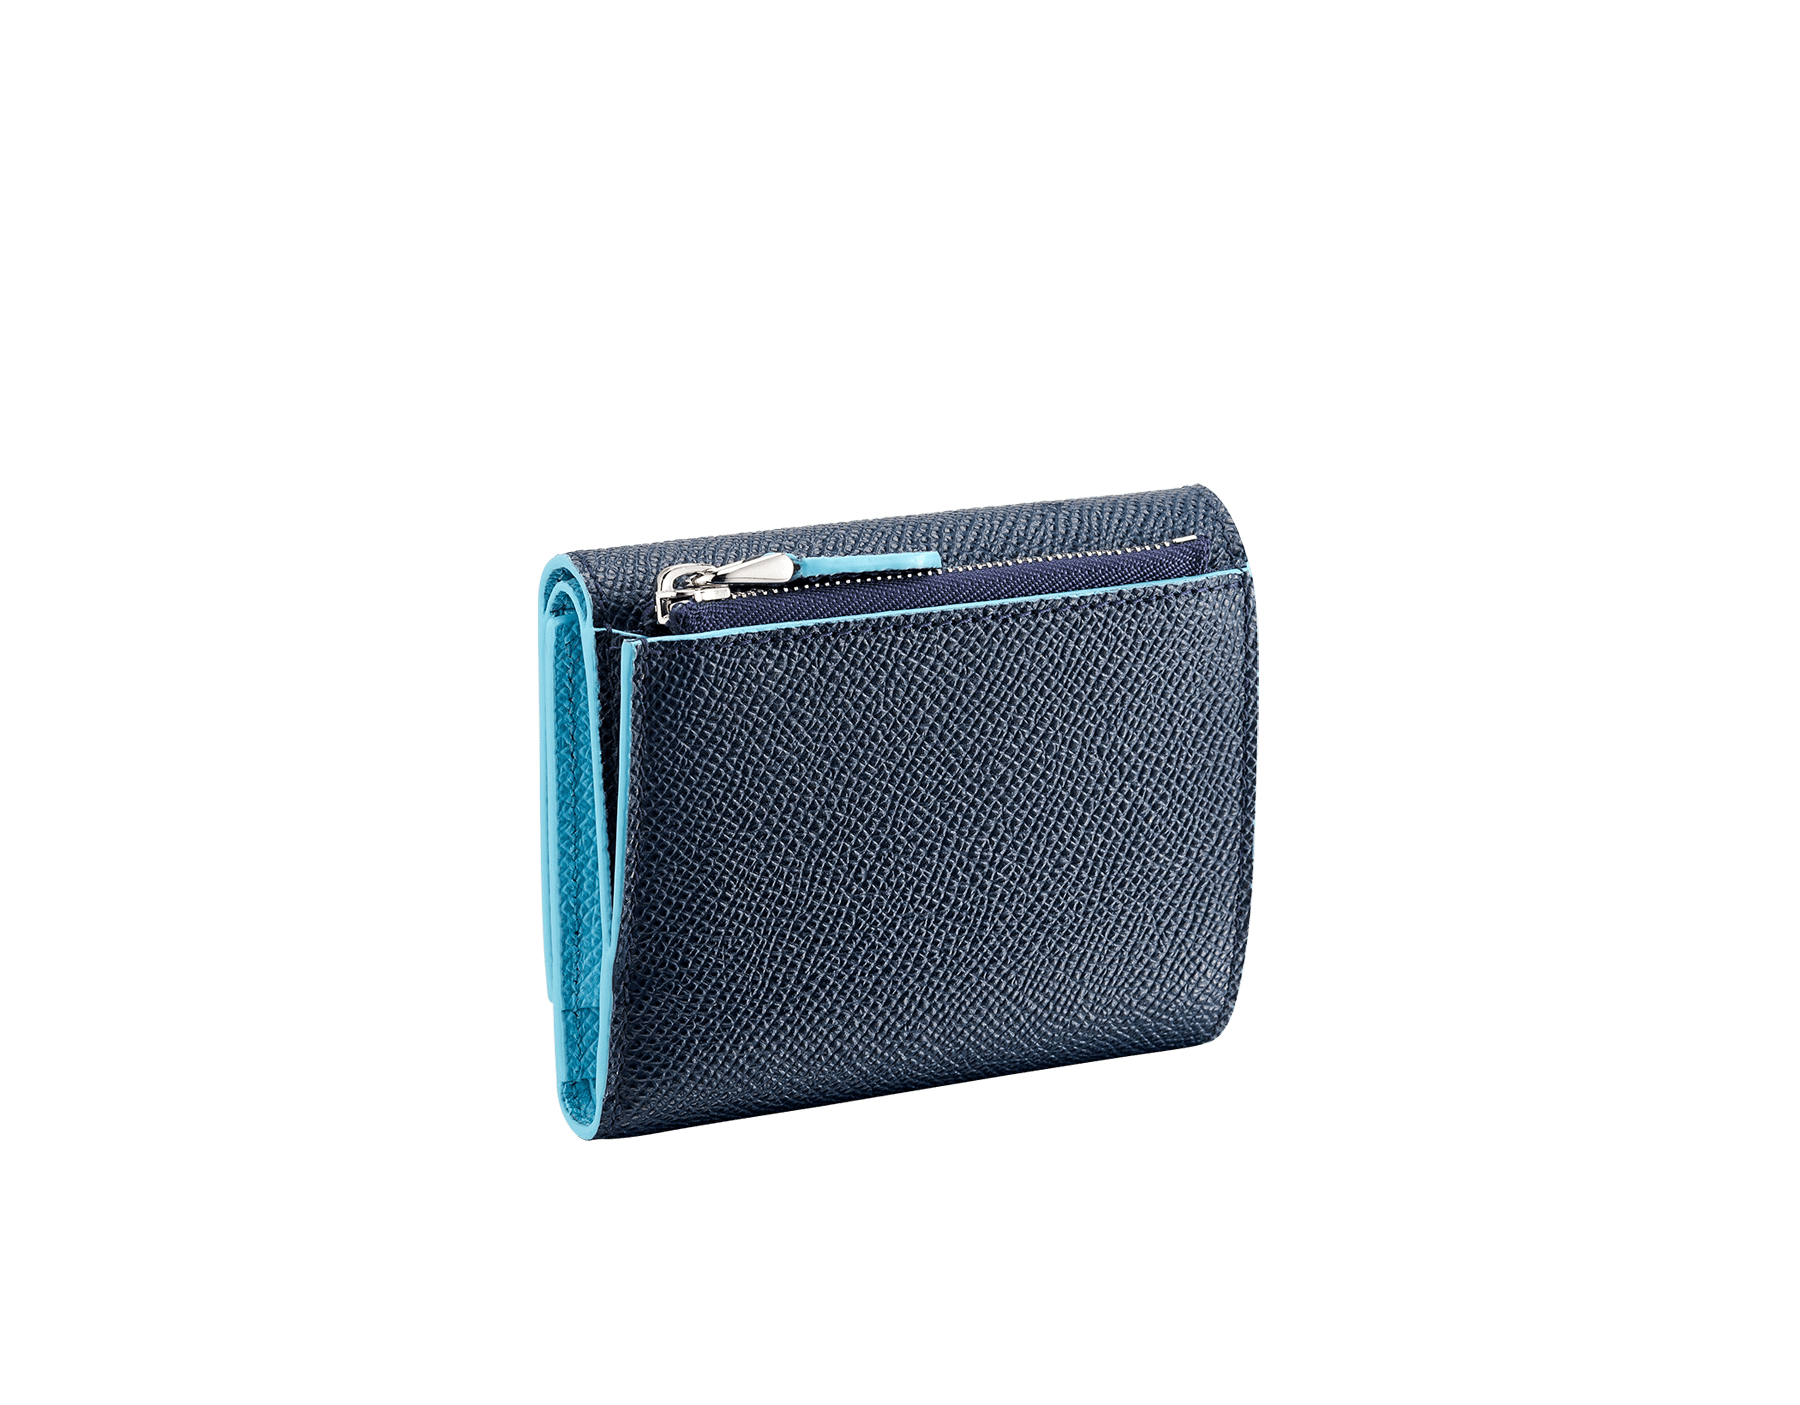 Schmales, kompaktes BVLGARI BVLGARI Portemonnaie aus genarbtem Kalbsleder in Denim Sapphire Blau und Aegean Topaz. Ikonische Verschlussklammer mit Logo aus palladiumbeschichtetem Messing. BCM-SLIMCOMPACTc image 3